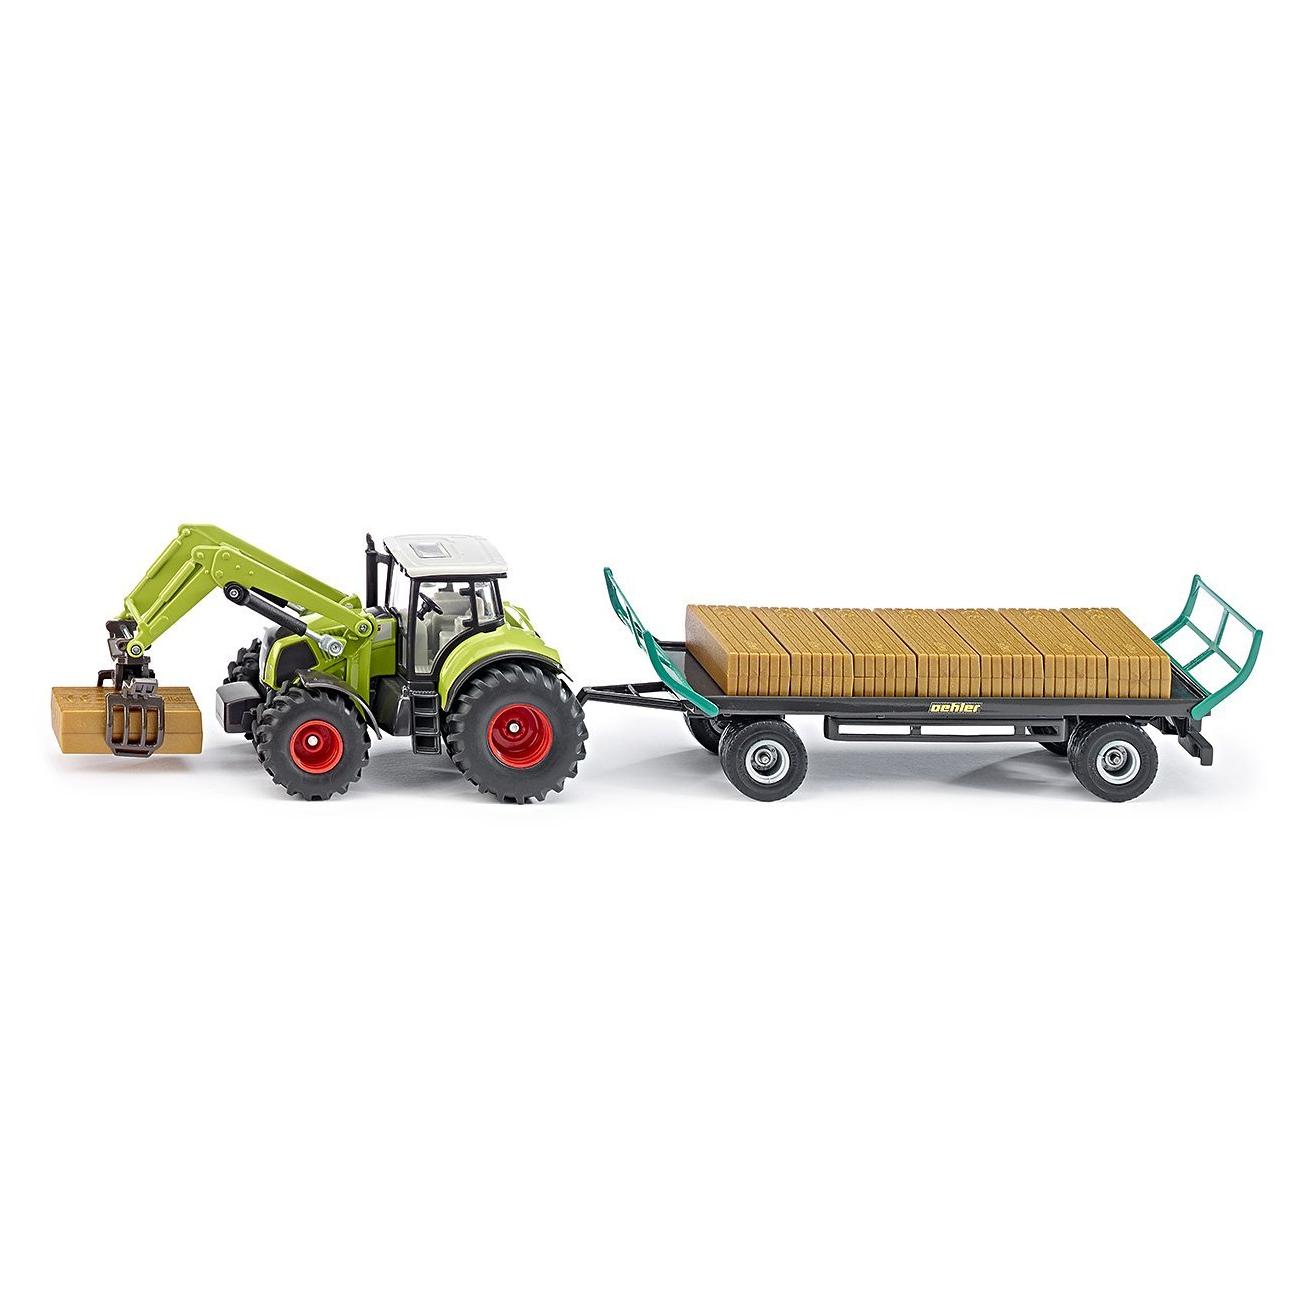 Купить Игрушечная модель - Трактор с захватом и прицепом, 1:50, Siku